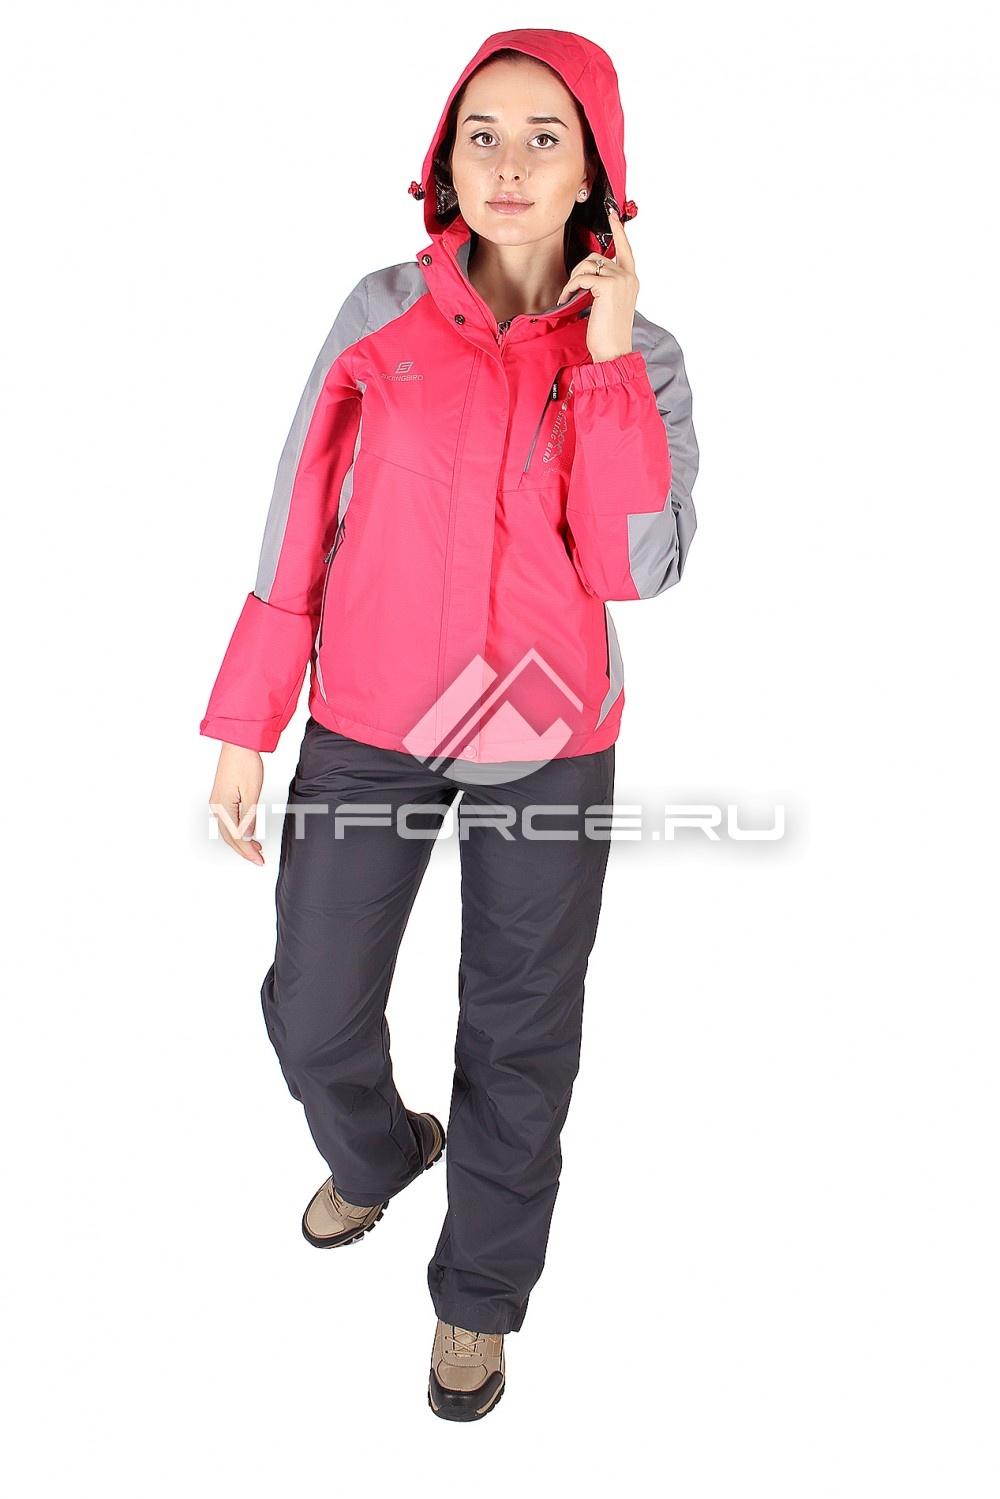 Красные костюмы женские доставка